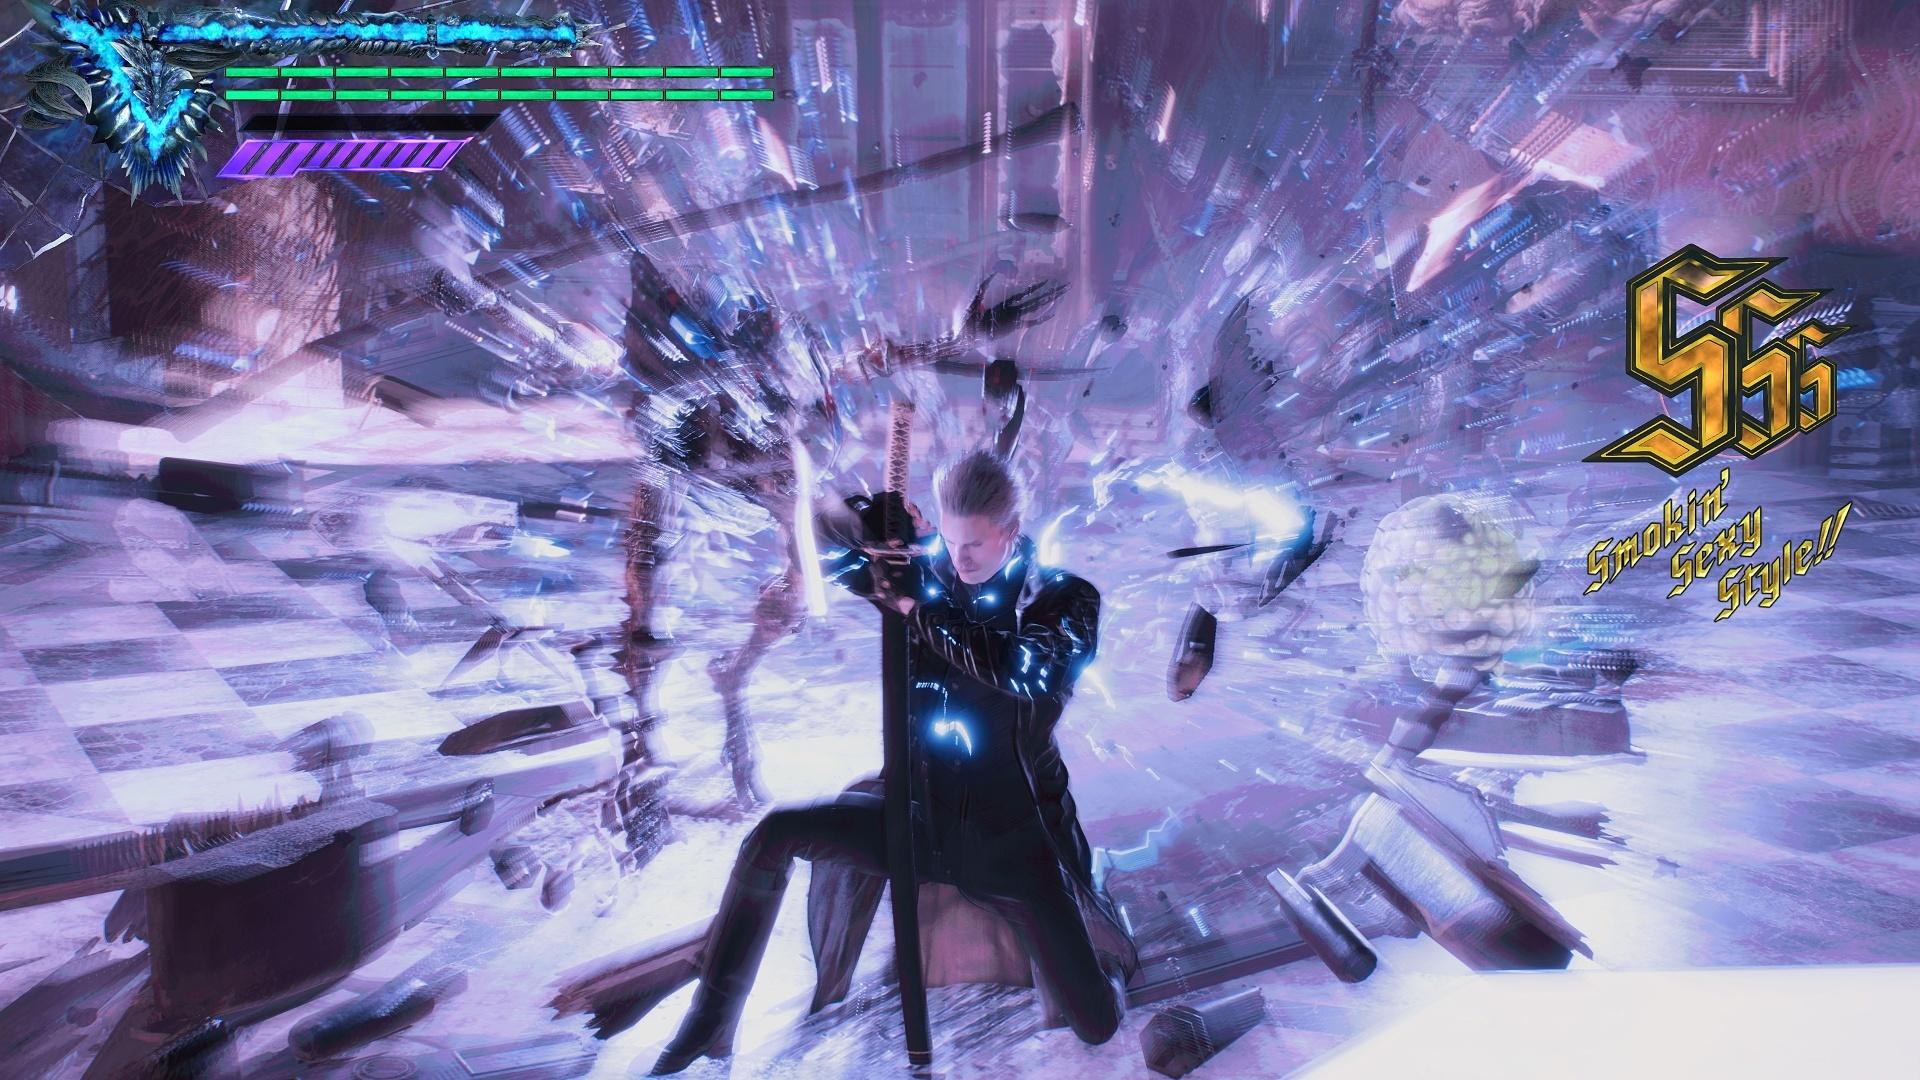 鬼泣贝奥武夫_《鬼泣5:特别版》PS5试玩体验 全新要素让战斗更帅气_3DM单机